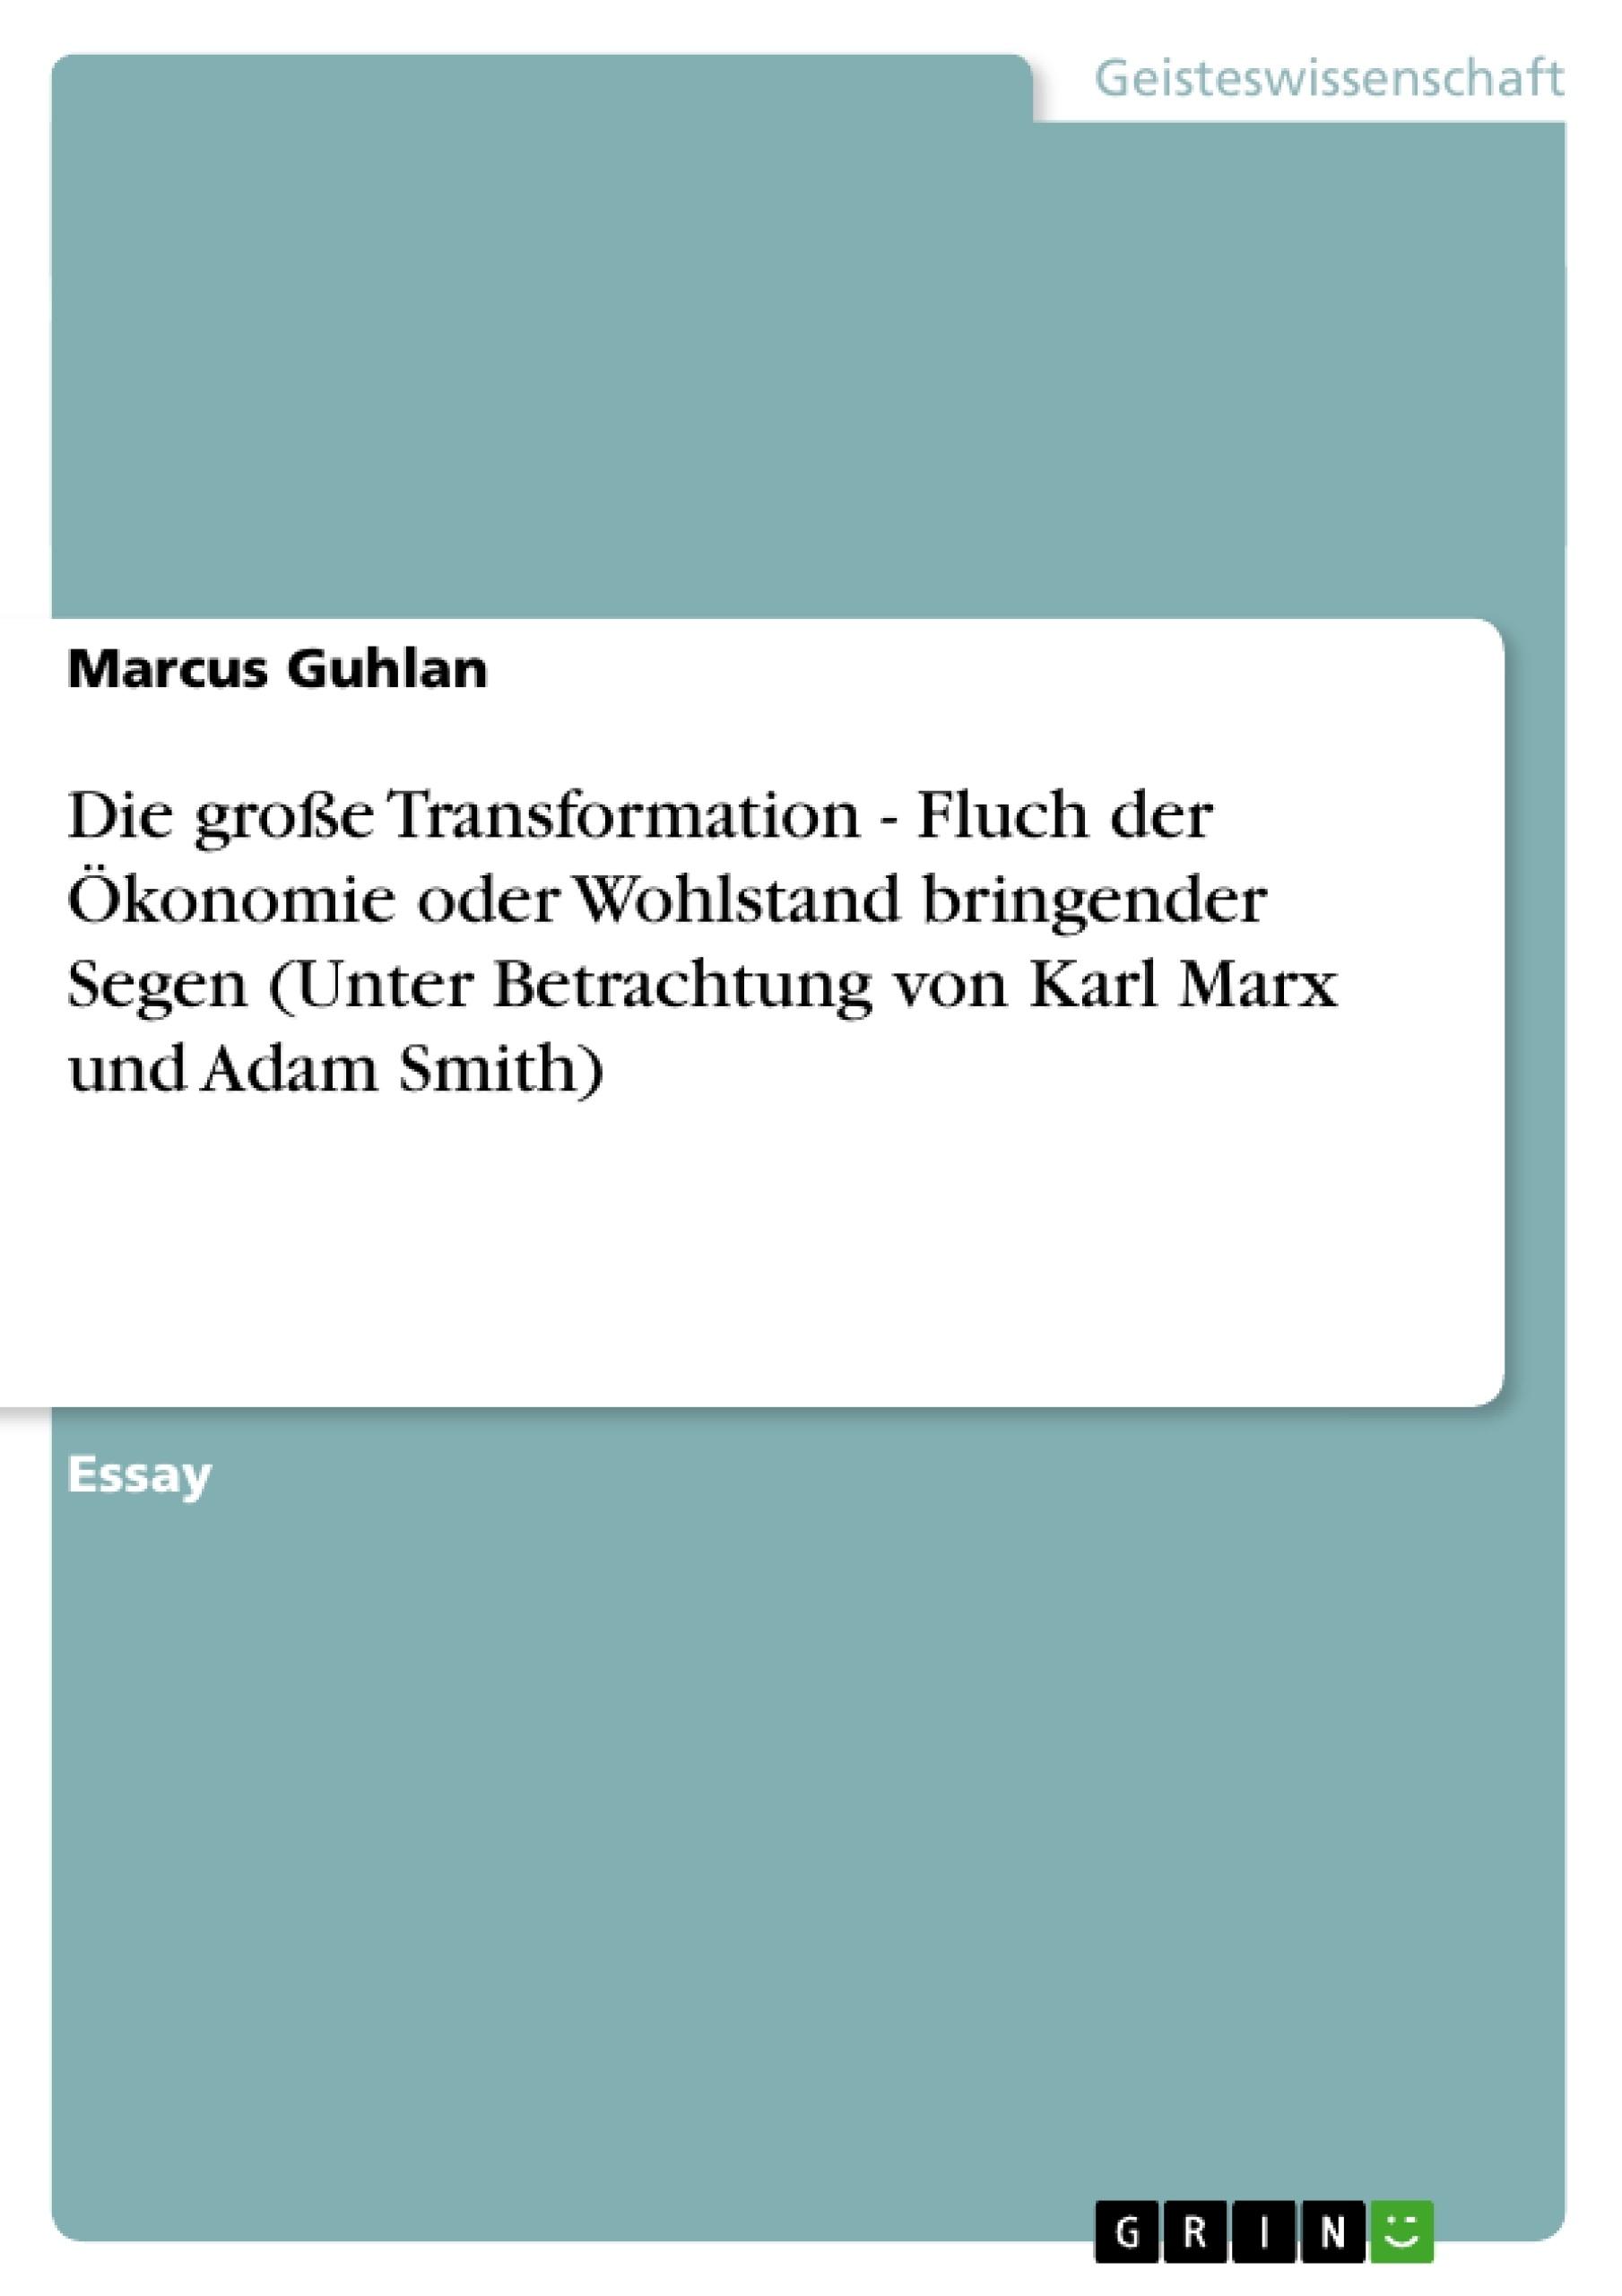 Titel: Die große Transformation - Fluch der Ökonomie oder Wohlstand bringender Segen (Unter Betrachtung von Karl Marx und Adam Smith)